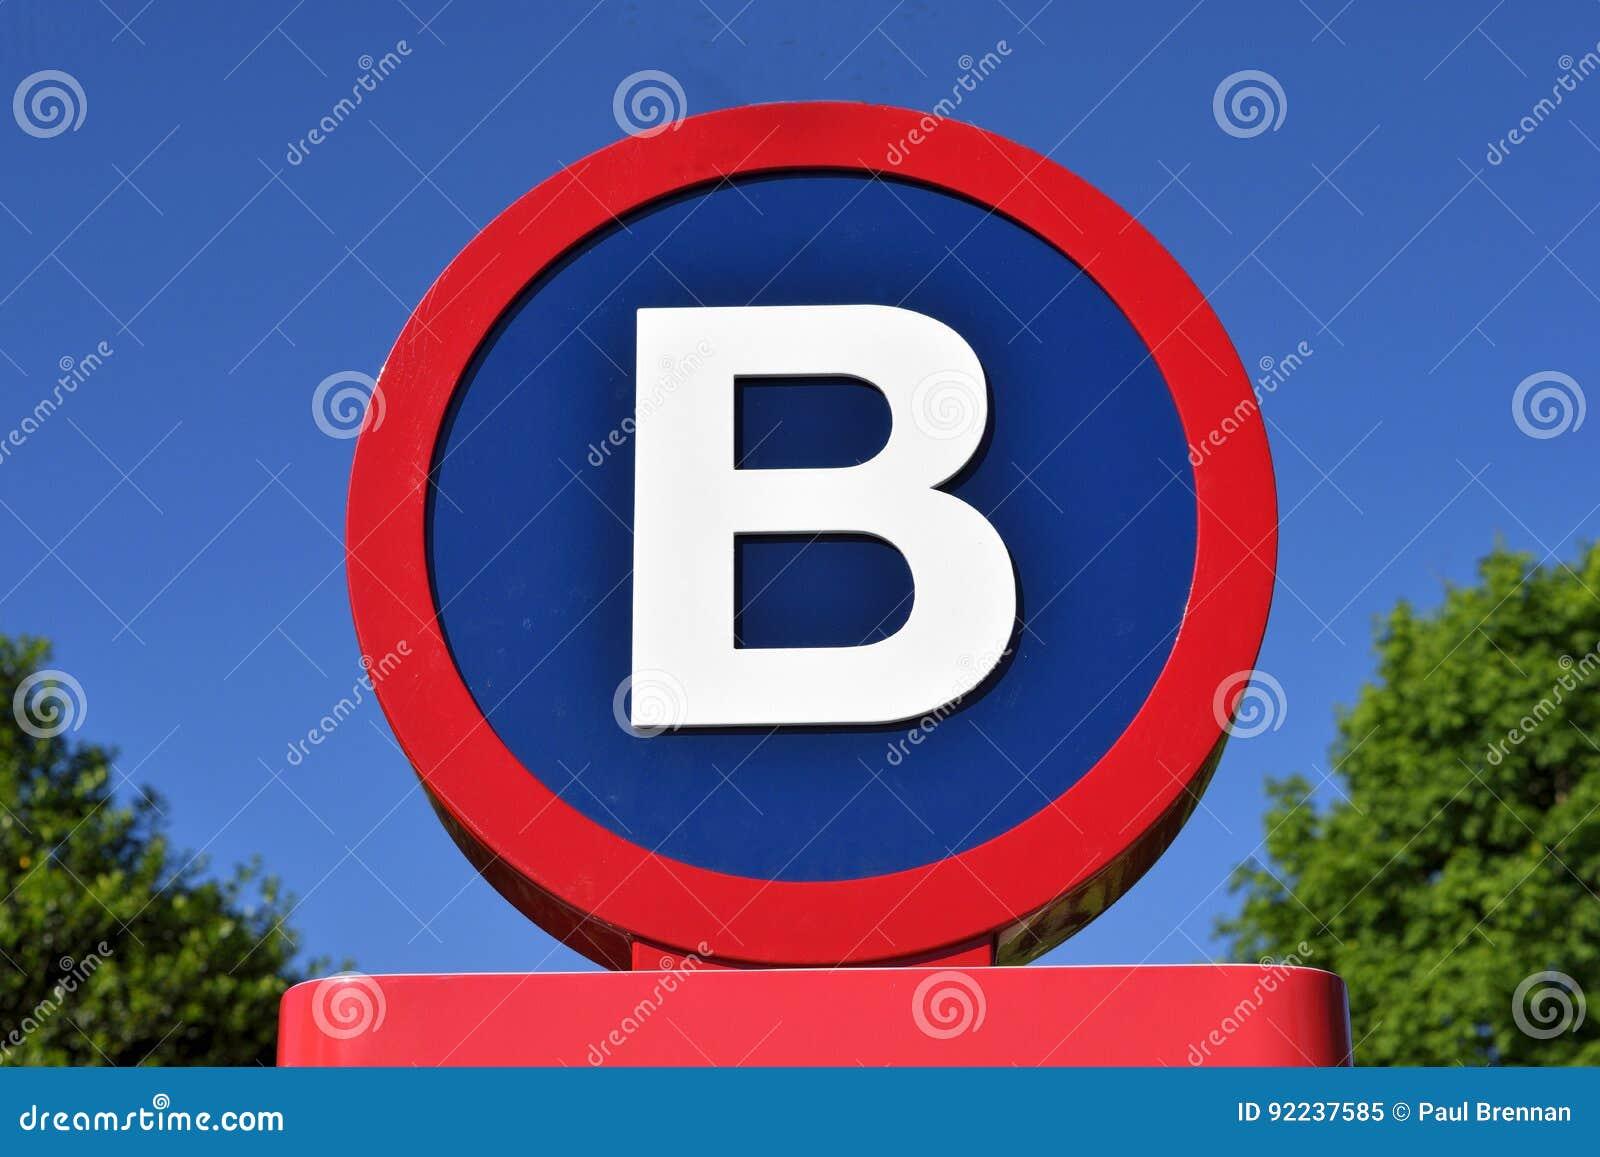 Teken met de brief B